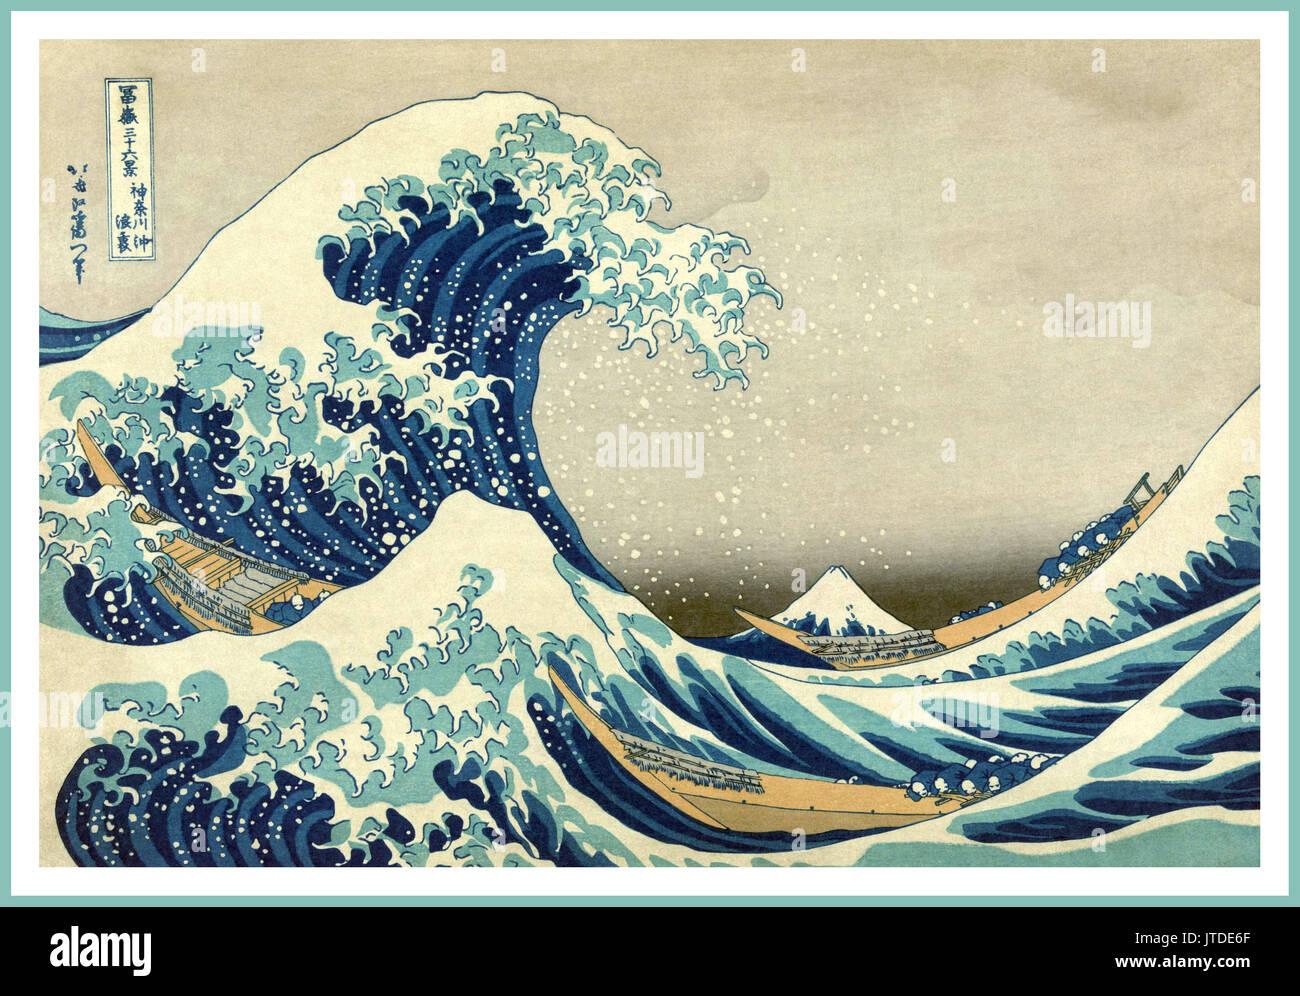 Mount Fuji Waves Wave Katsushika Hokusai Japan Vintage art poster made by artist Katsushika Hokusai as part of the - Stock Image